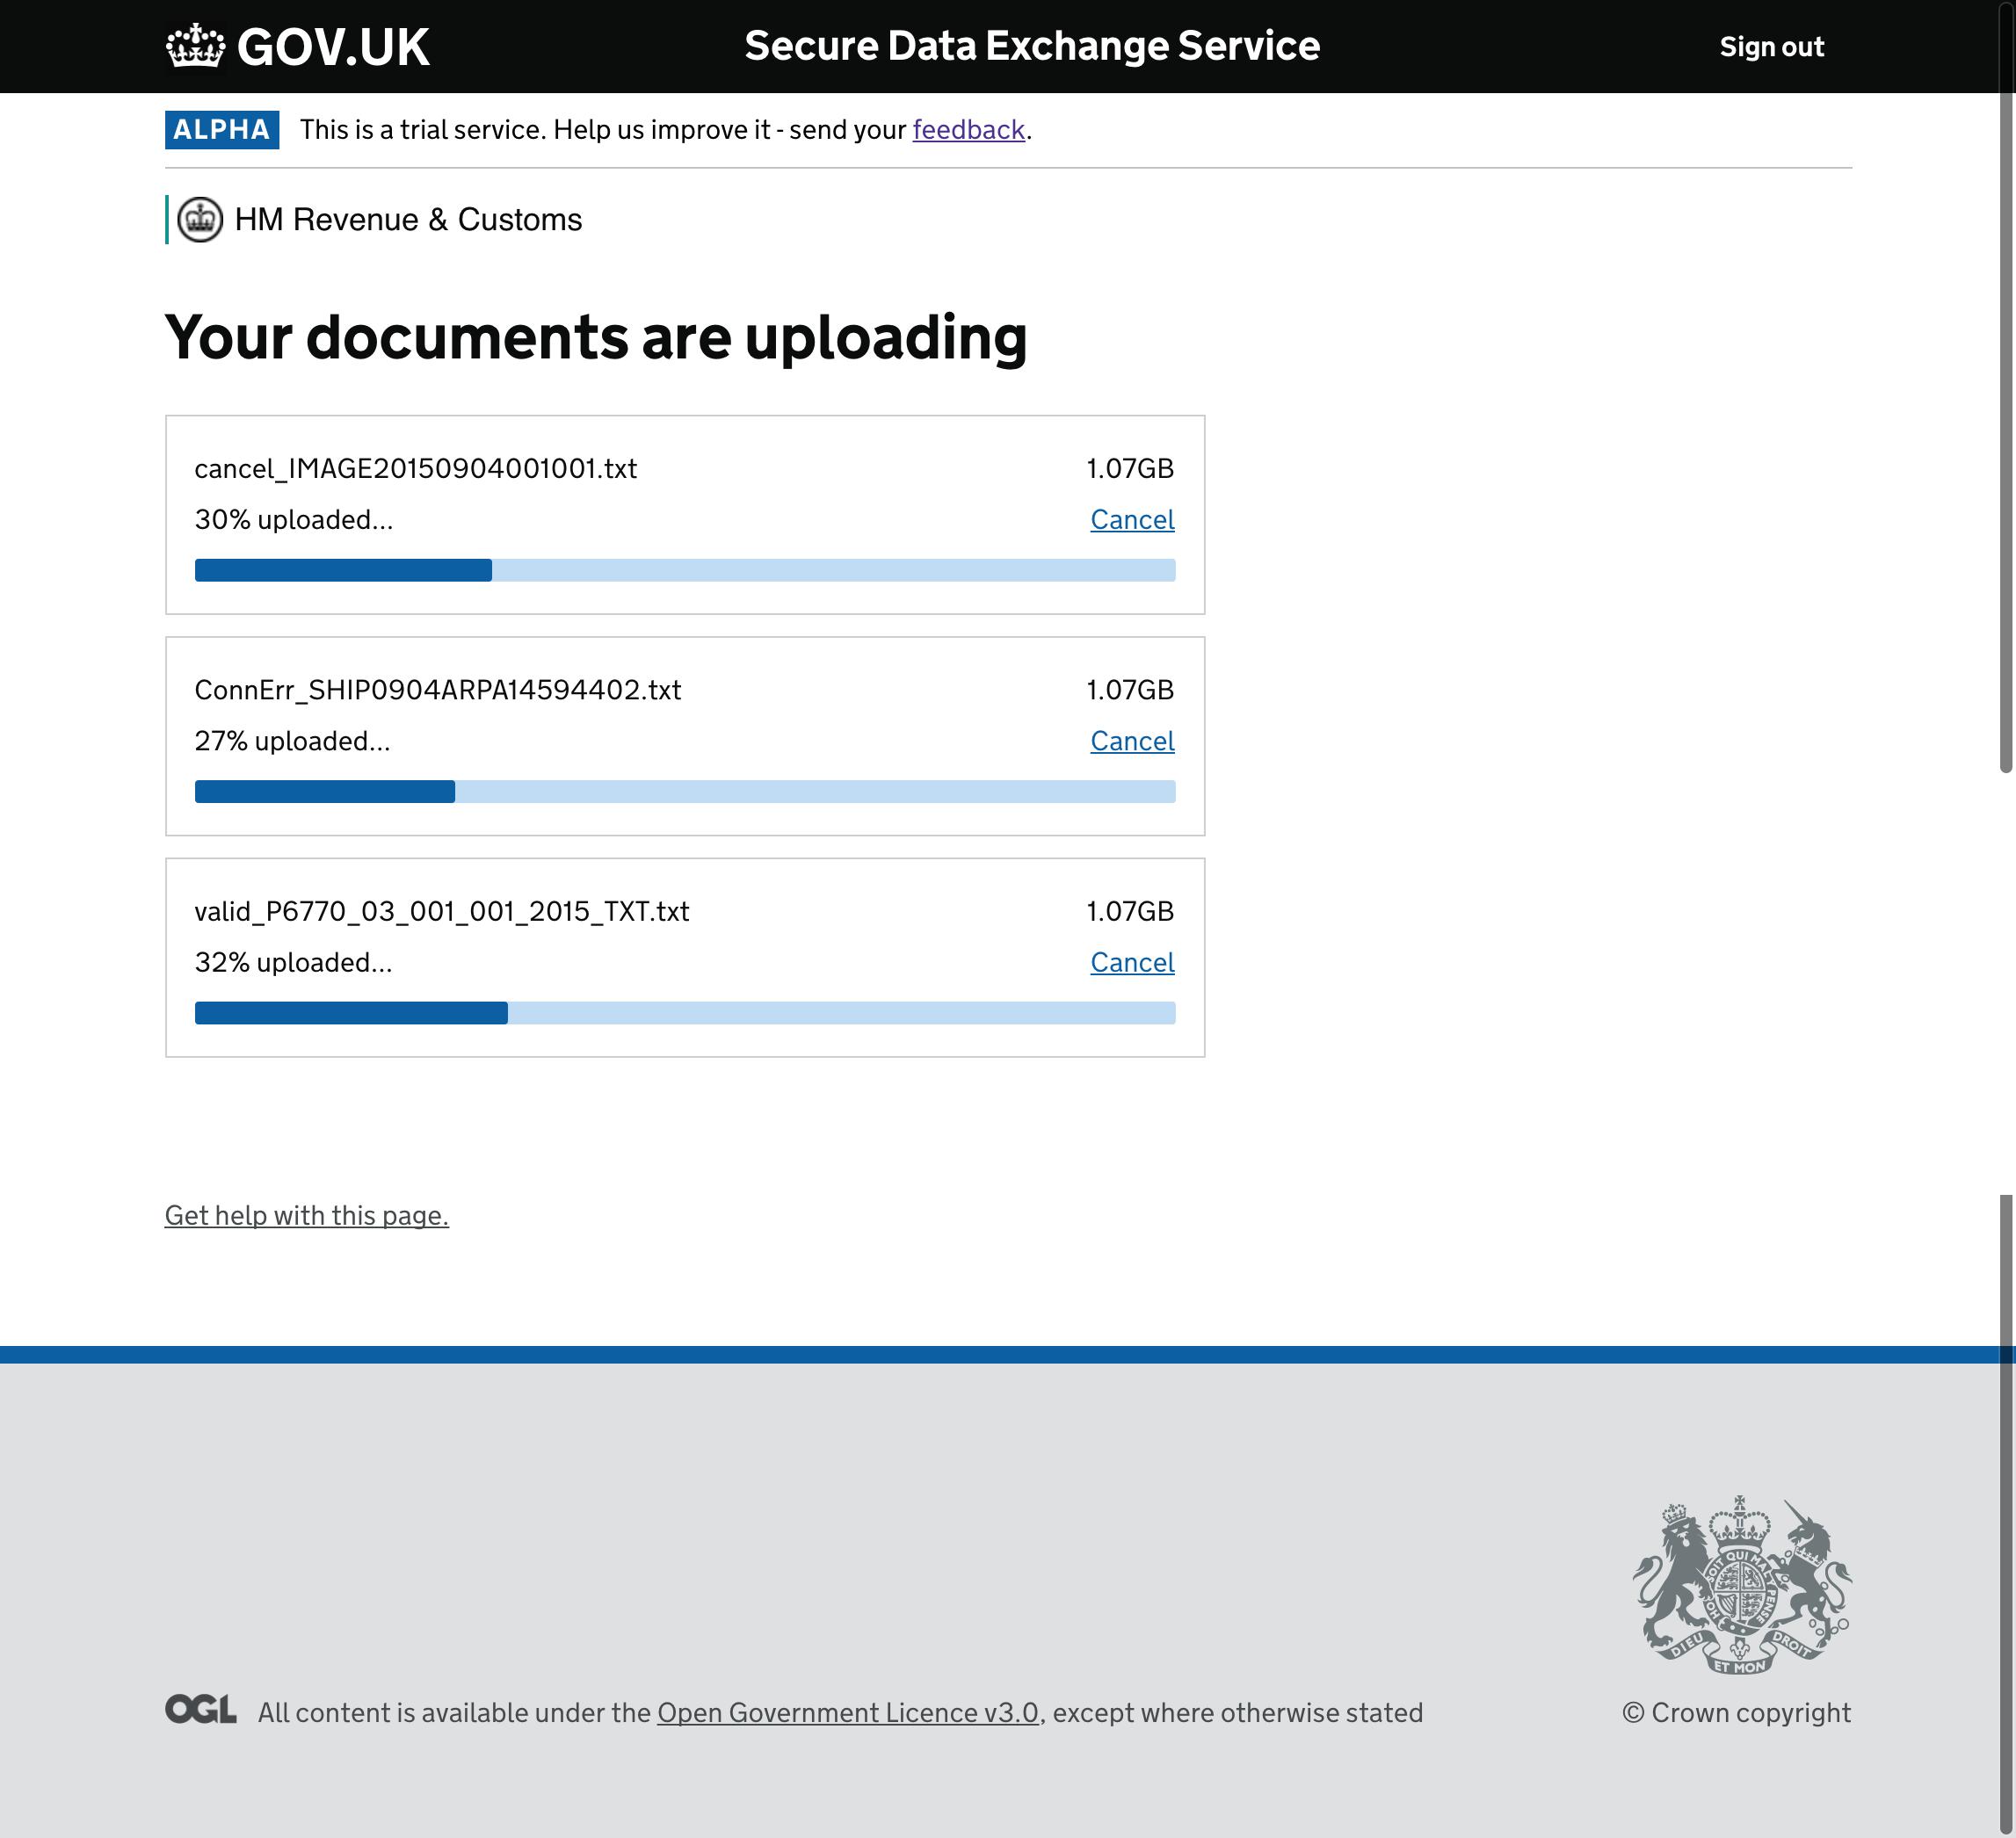 screenshot-sdes-ux herokuapp com-2018 02 08-09-37-24